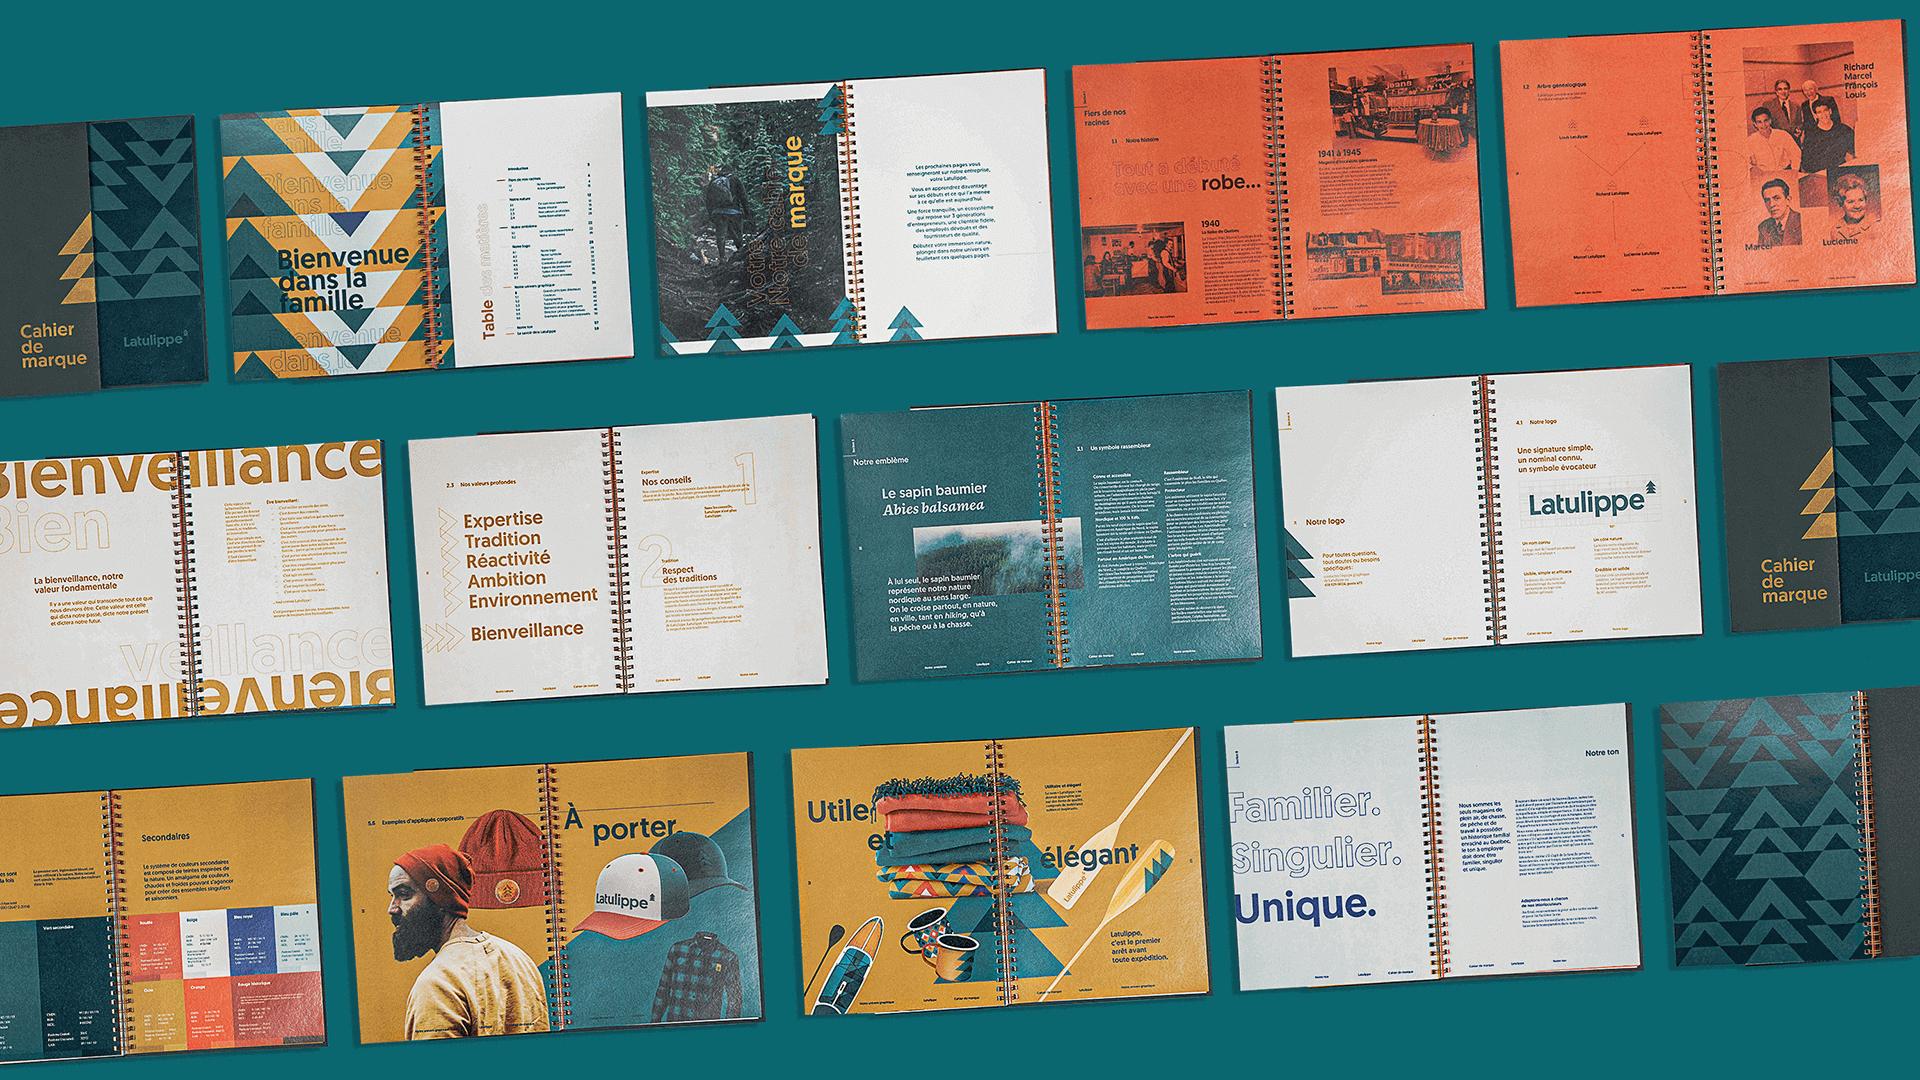 Branding   Mosaïque composée des pages intérieures du cahier de marque (brand book)   Latulippe